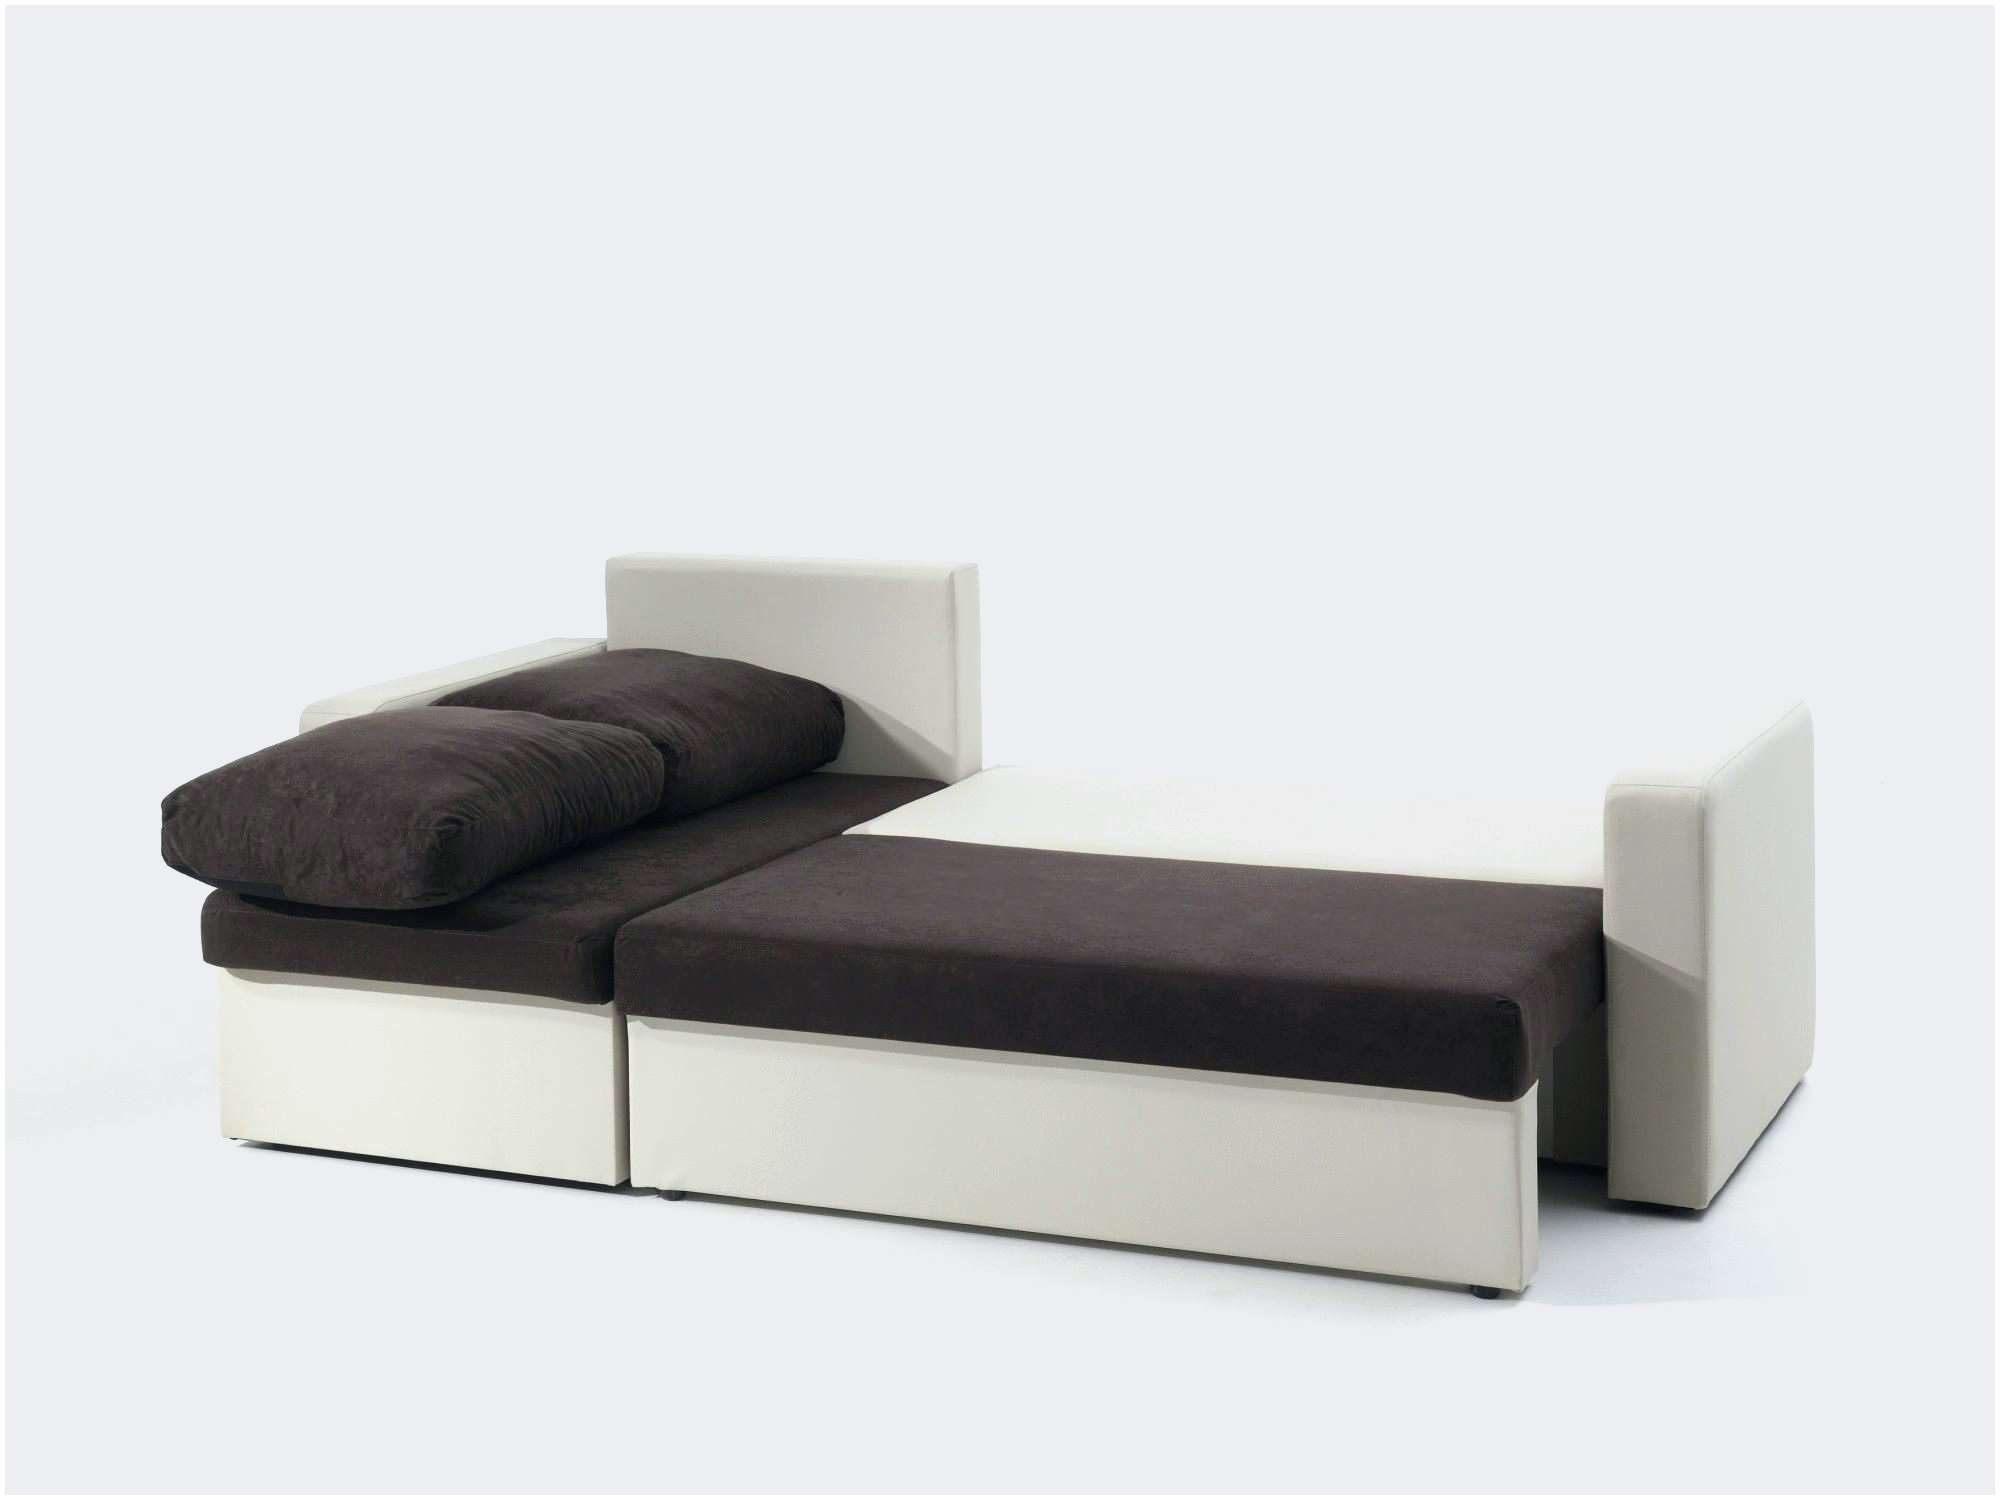 Lit Superposé Bois Massif Luxe Frais Lit Mezzanine Ikea 2 Places Pour Alternative Lit Superposé